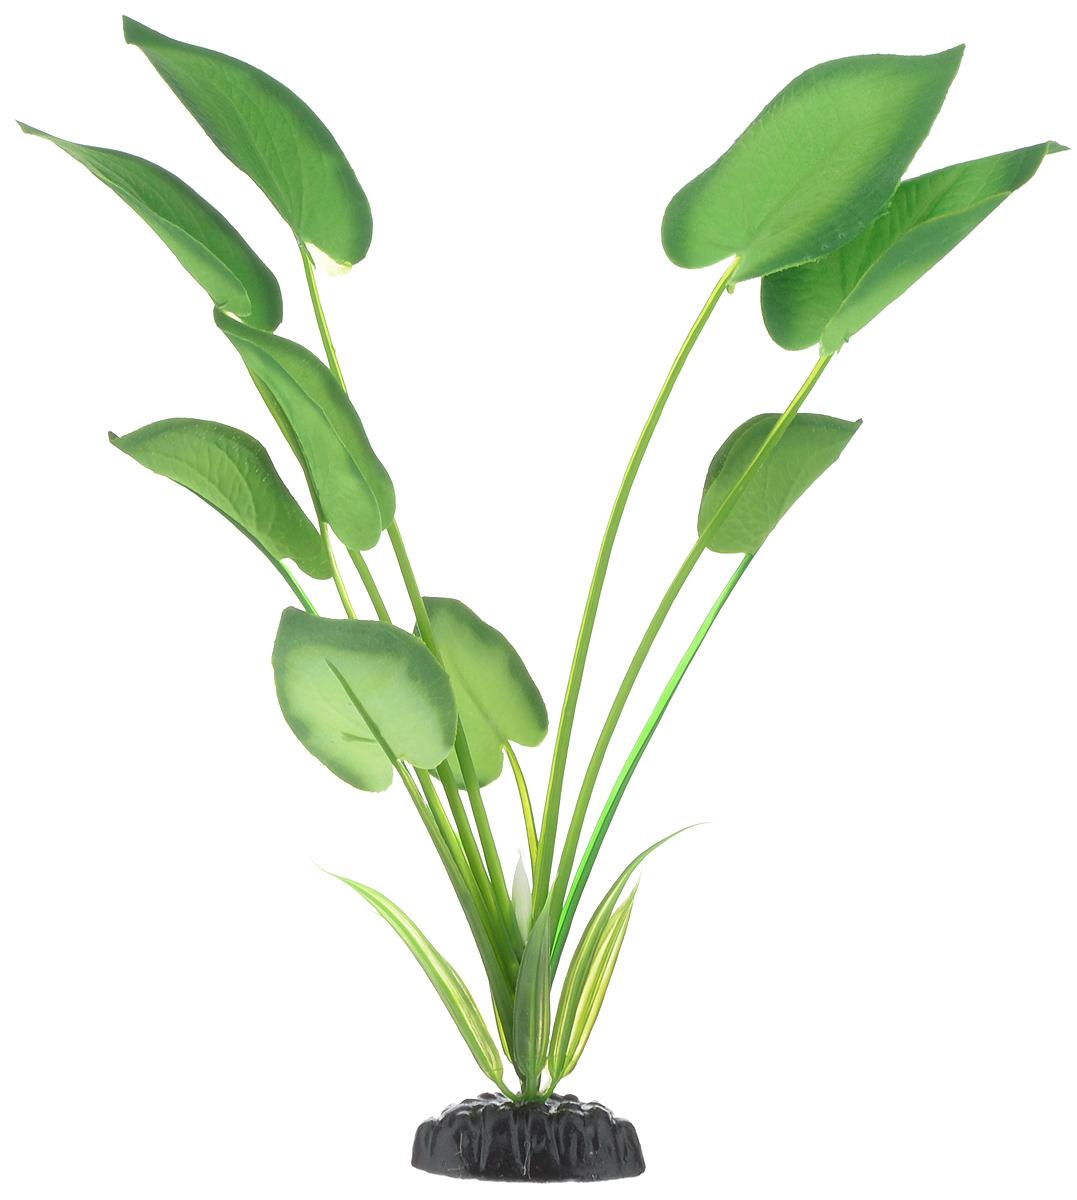 Растение для аквариума Barbus Эхинодорус, шелковое, высота 30 см. Plant 044/30 растение для аквариума barbus лотос шелковое высота 50 см